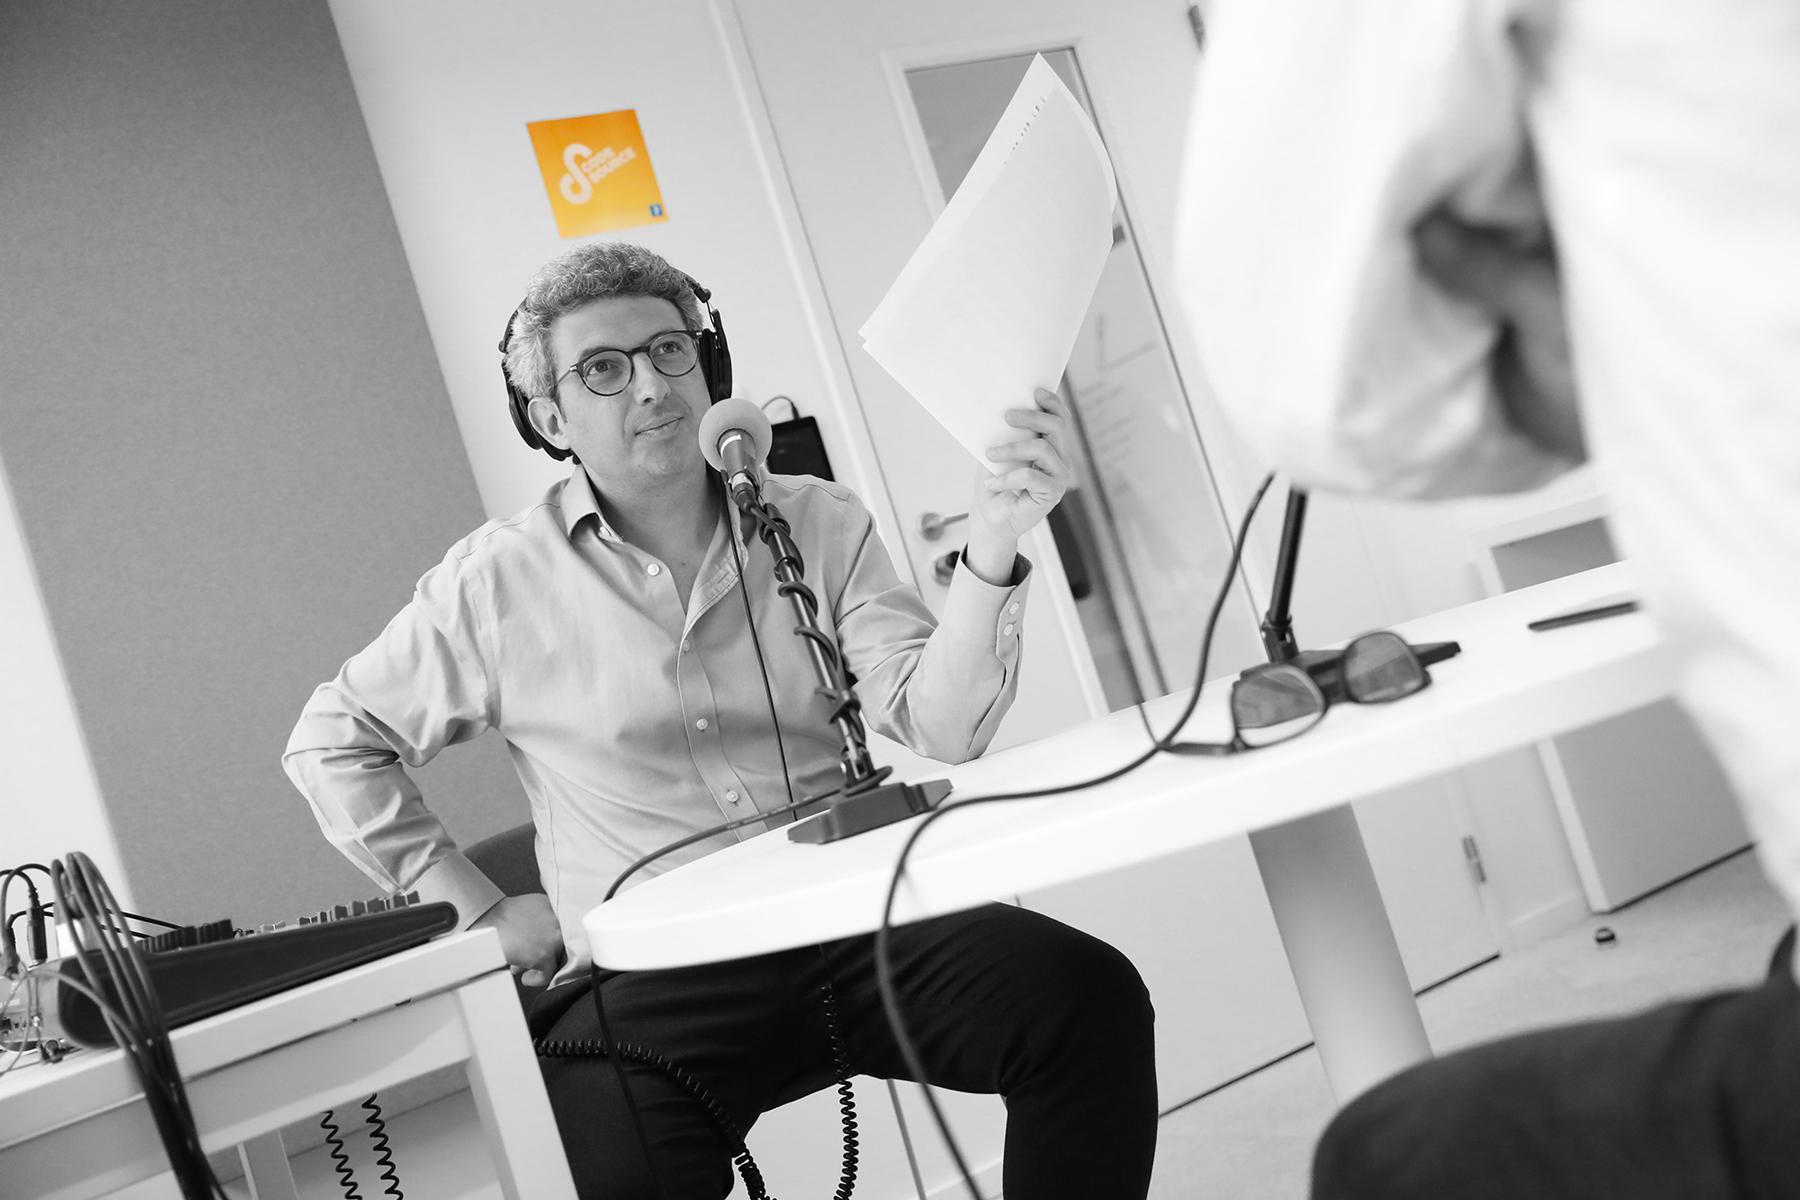 Jules Lavie : « En faisant Code source, j'ai appris à raconter des histoires » ⋆ Podmust